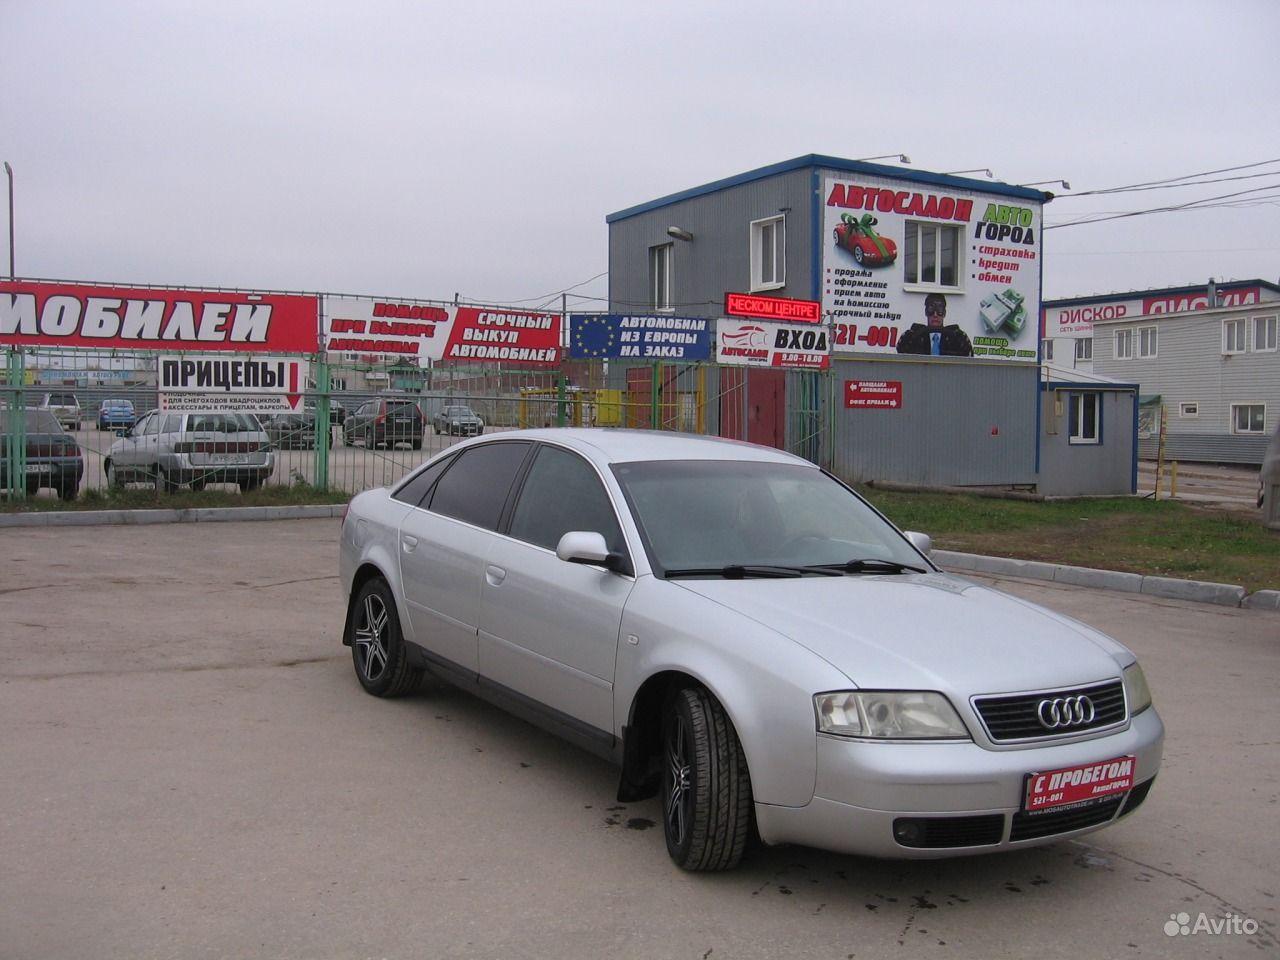 Продам авто частные объявления вчера город ейск и район запчасти на москвич 412 частные объявления